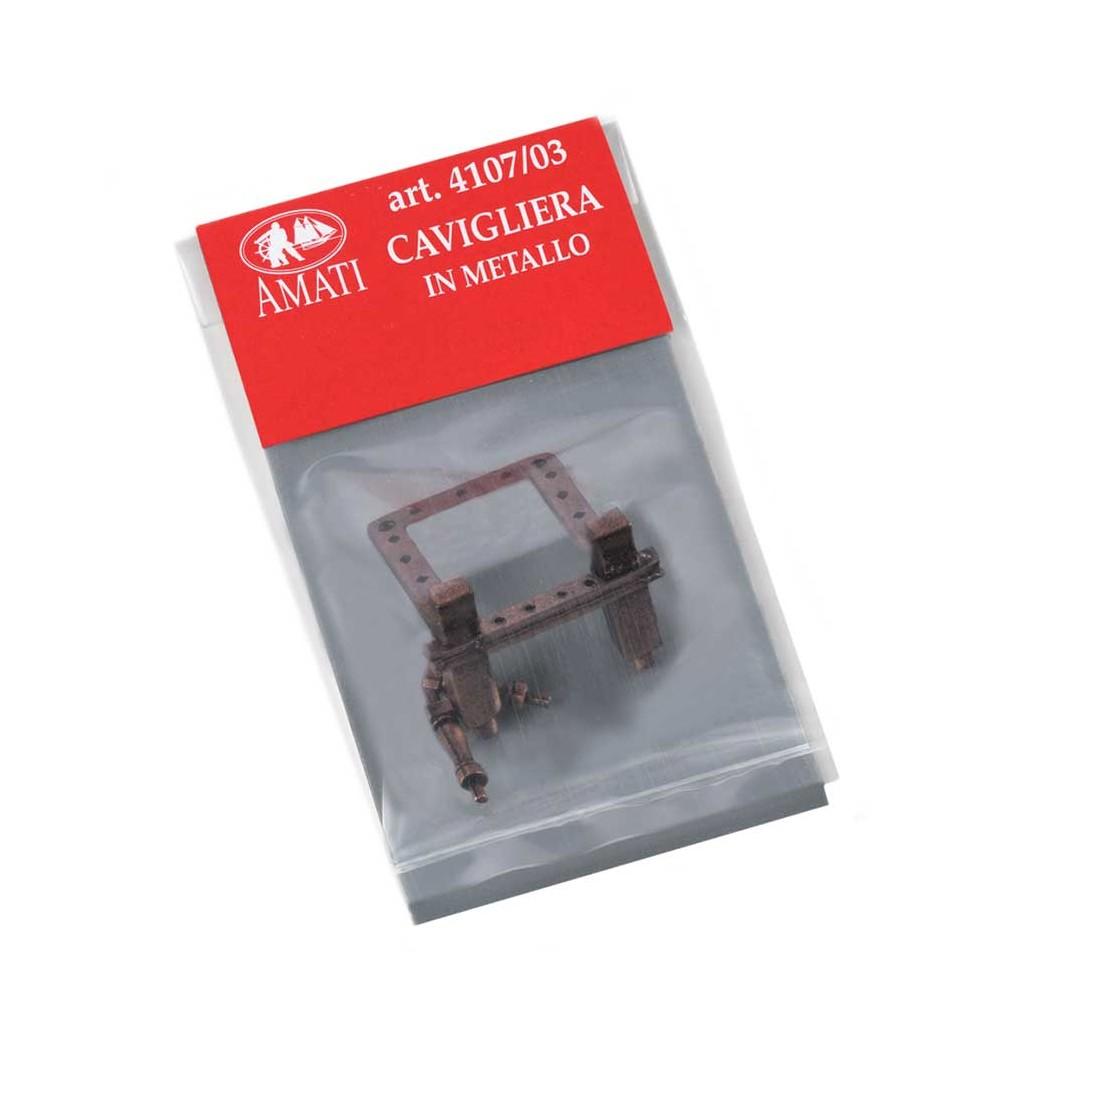 Cavigliere metallo mm. 25x25x18